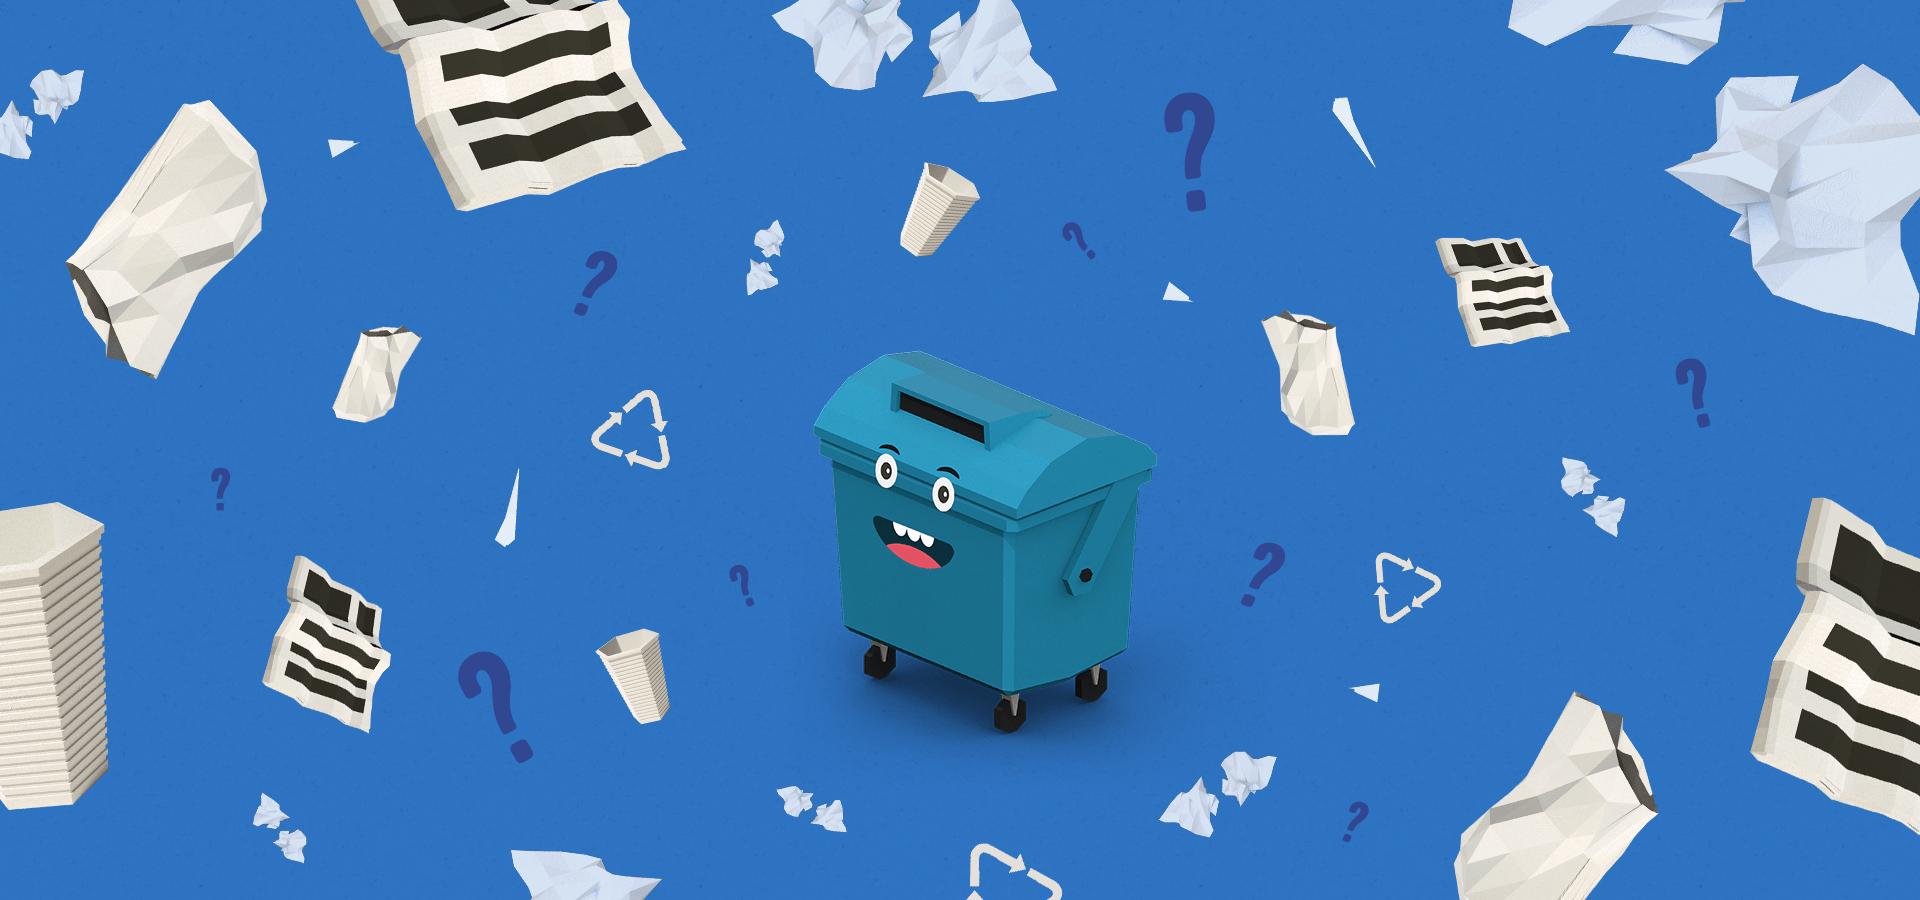 Víte, jaký papír není vhodný prorecyklaci?